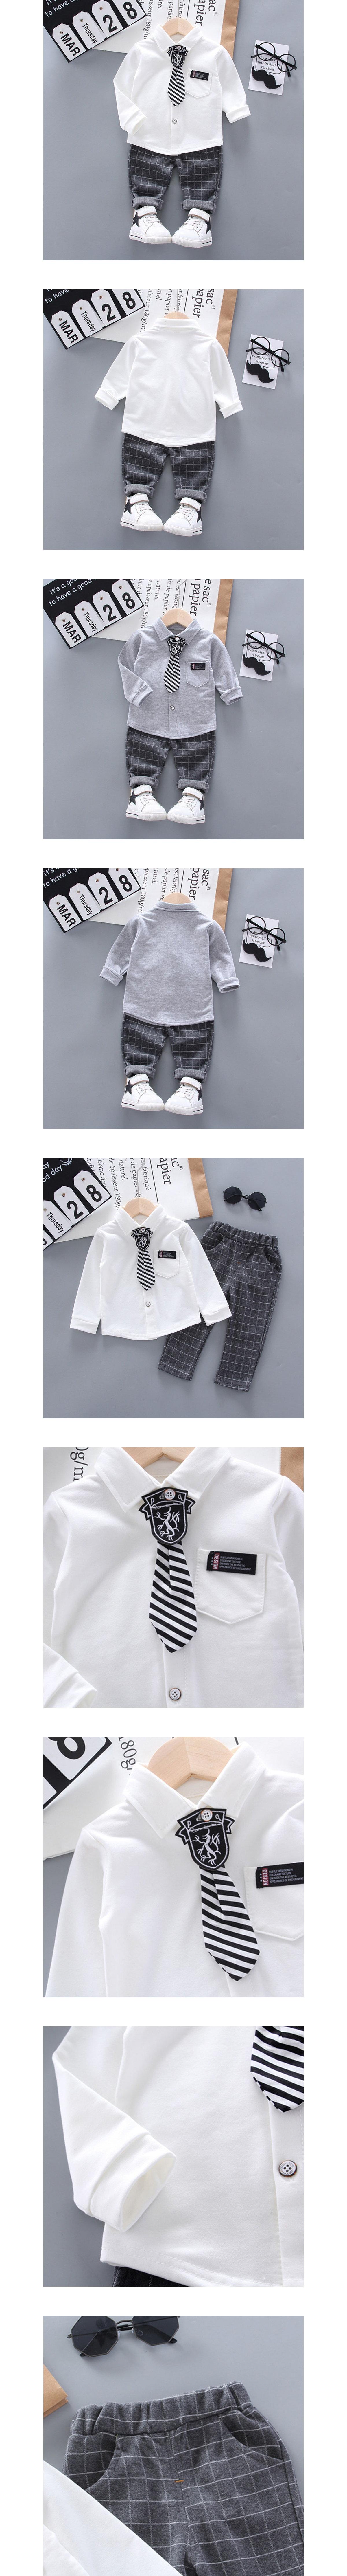 套裝.徽章領帶舒適襯衫兩件組.童裝